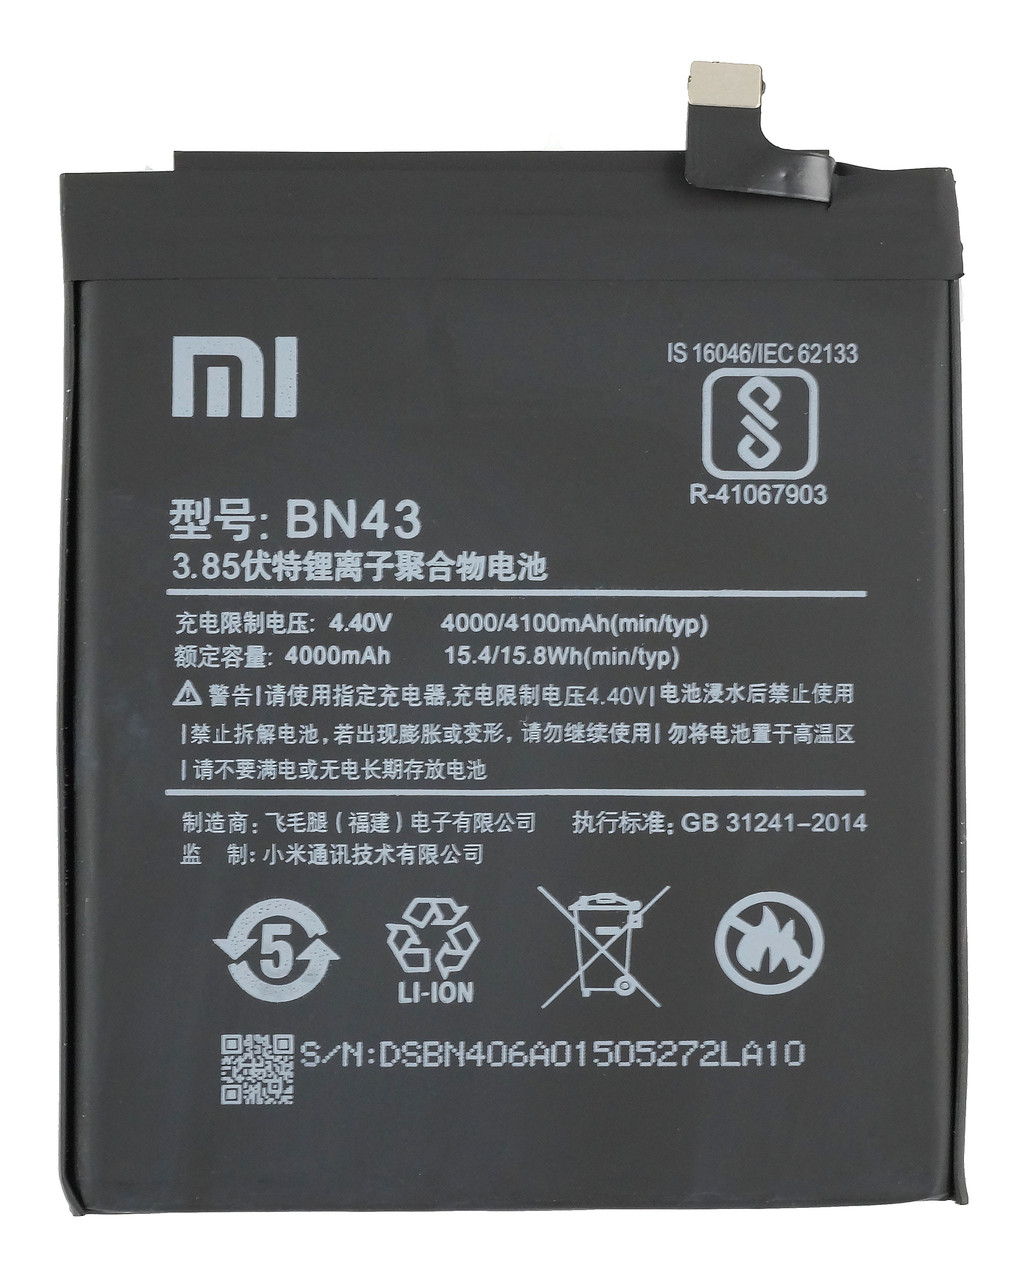 Акумулятор для Xiaomi Redmi Note 4X (BN43) 4000mAh (15.4 Wh)